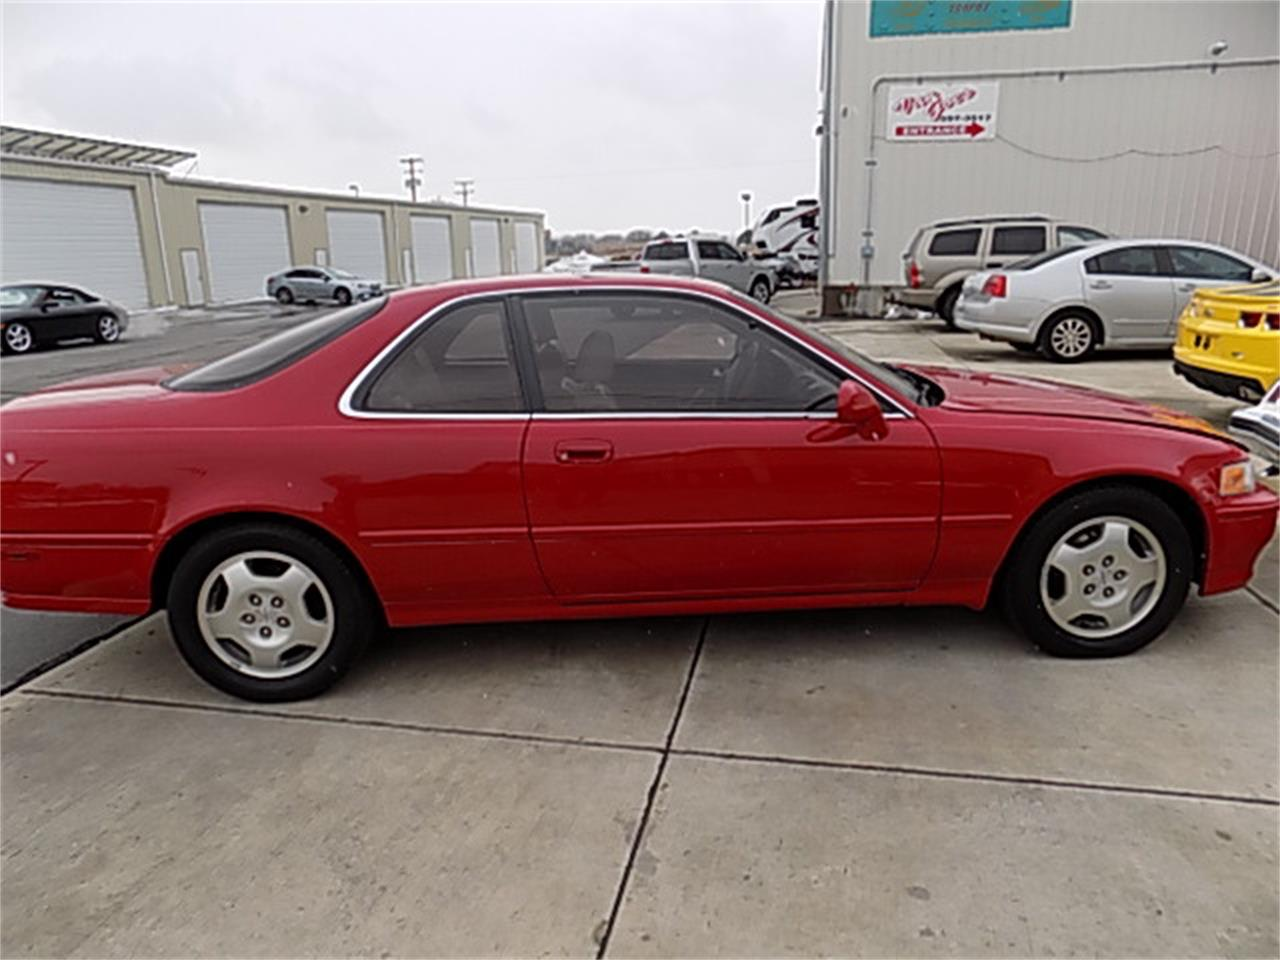 Acura Legend For Sale >> 1995 Acura Legend For Sale Classiccars Com Cc 1041108